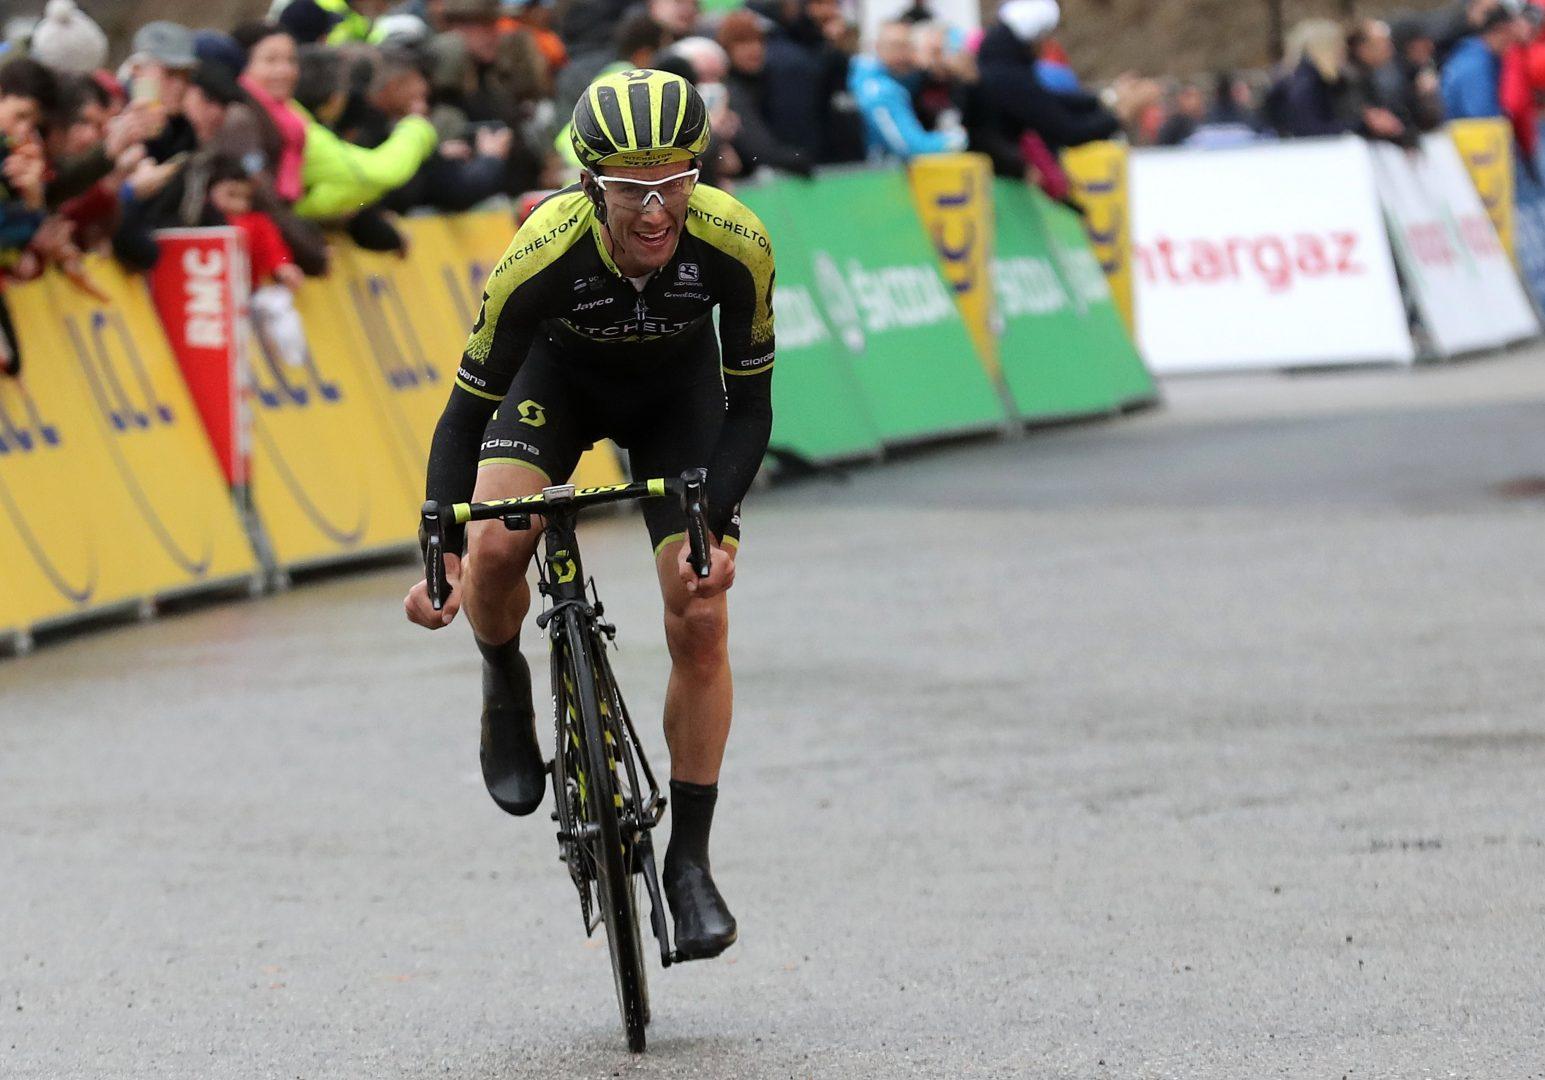 El británico de MTS ganó la séptima etapa de la París Niza y se puso en lo más alto de la clasificación general a falta de una jornada para el final de la Clásica francesa. (Foto: Alex Broadway)